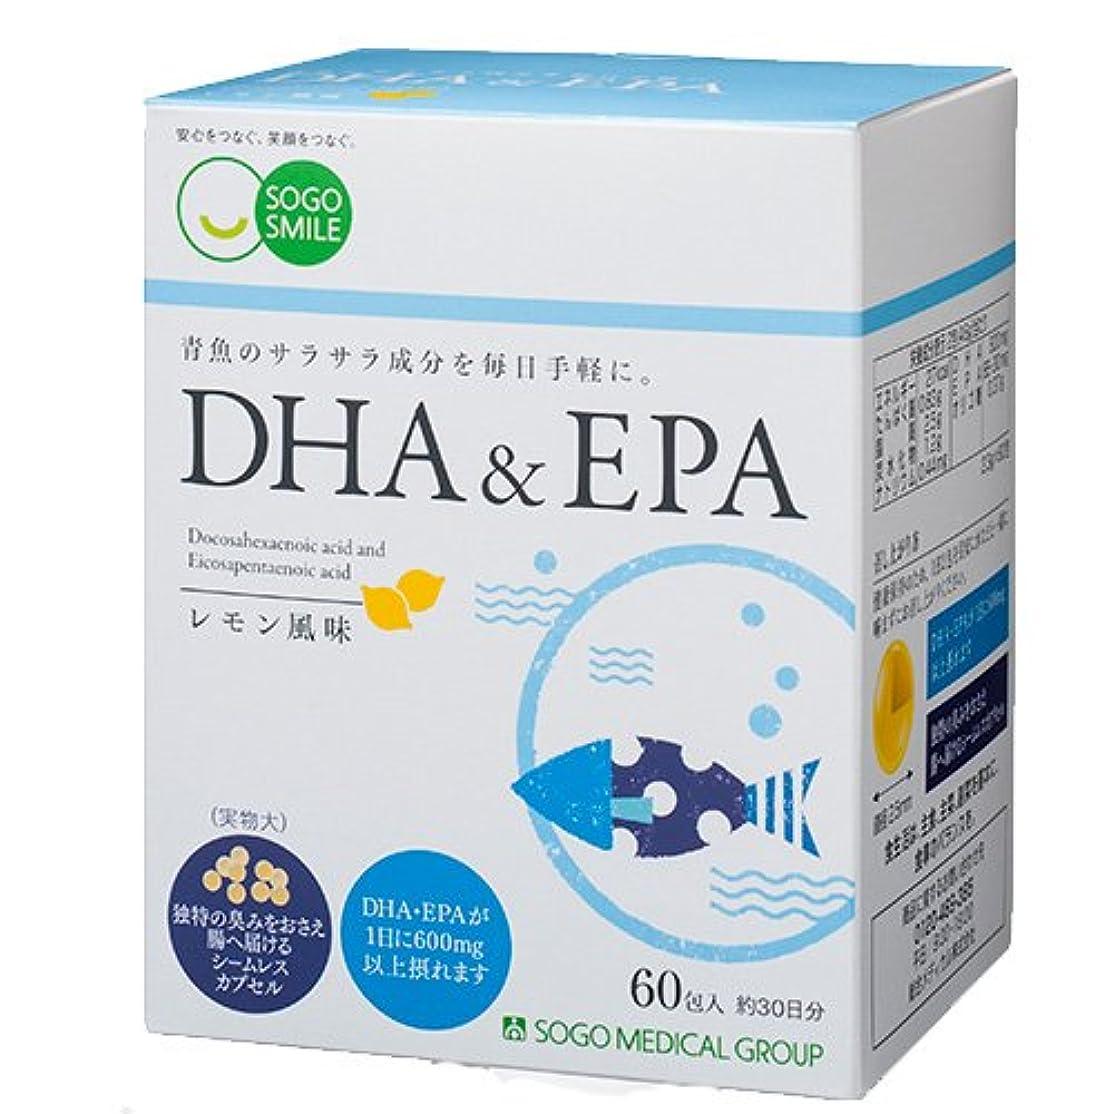 熟読するセイはさておきプランター総合メディカル DHA&EPA(2.3g ×60 包)DHA含有精製魚油加工食品